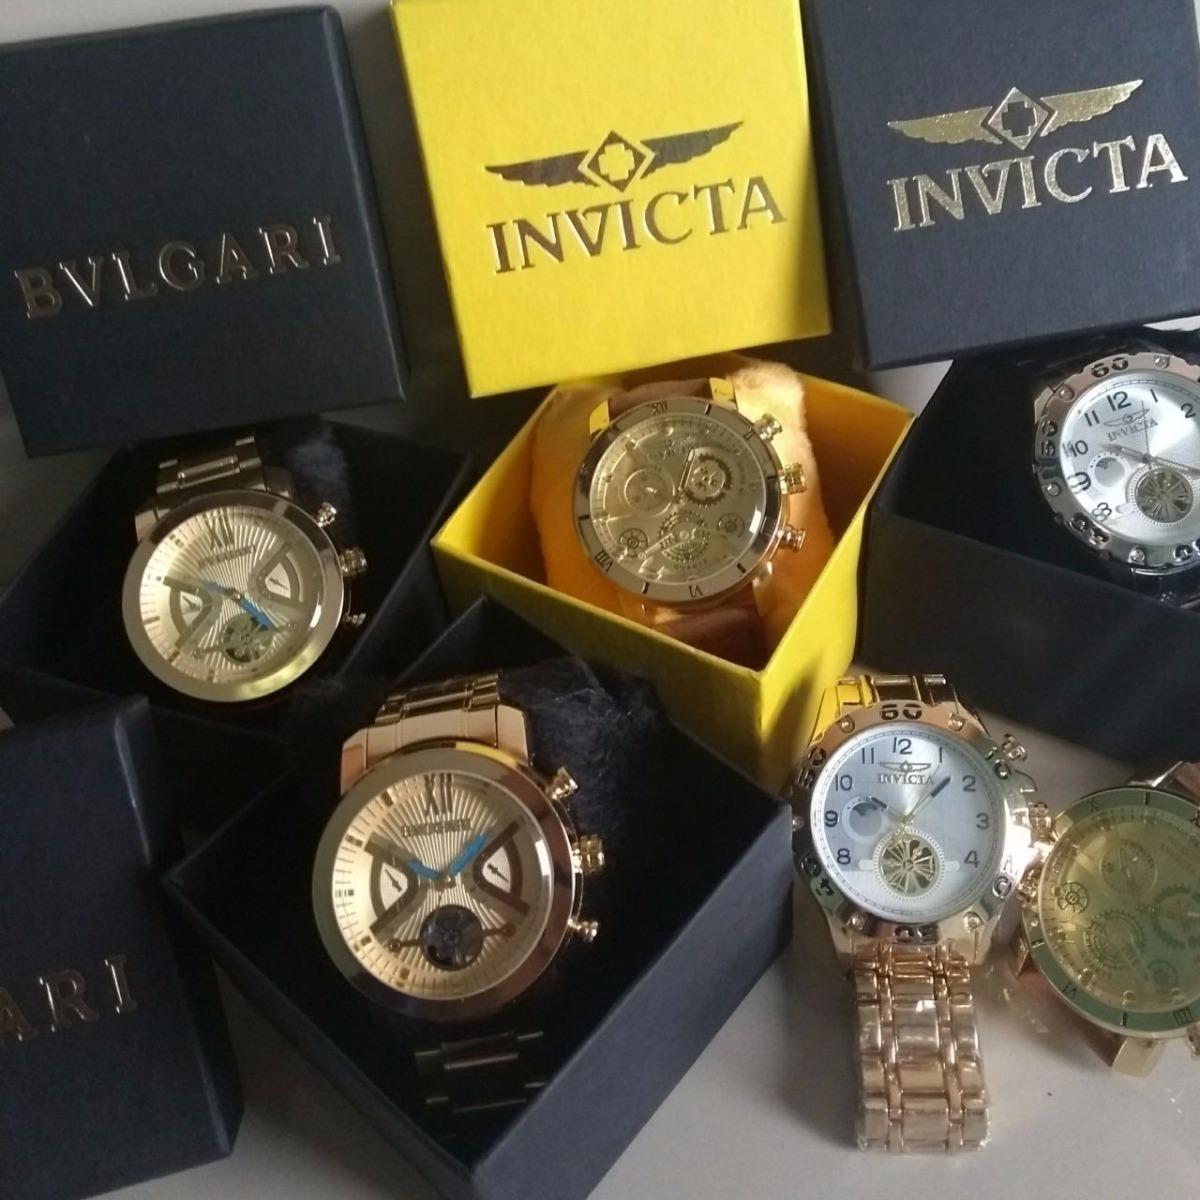 5a53988d7b0 kit com 10 relógios masculino luxo + caixa atacado revenda. Carregando zoom.